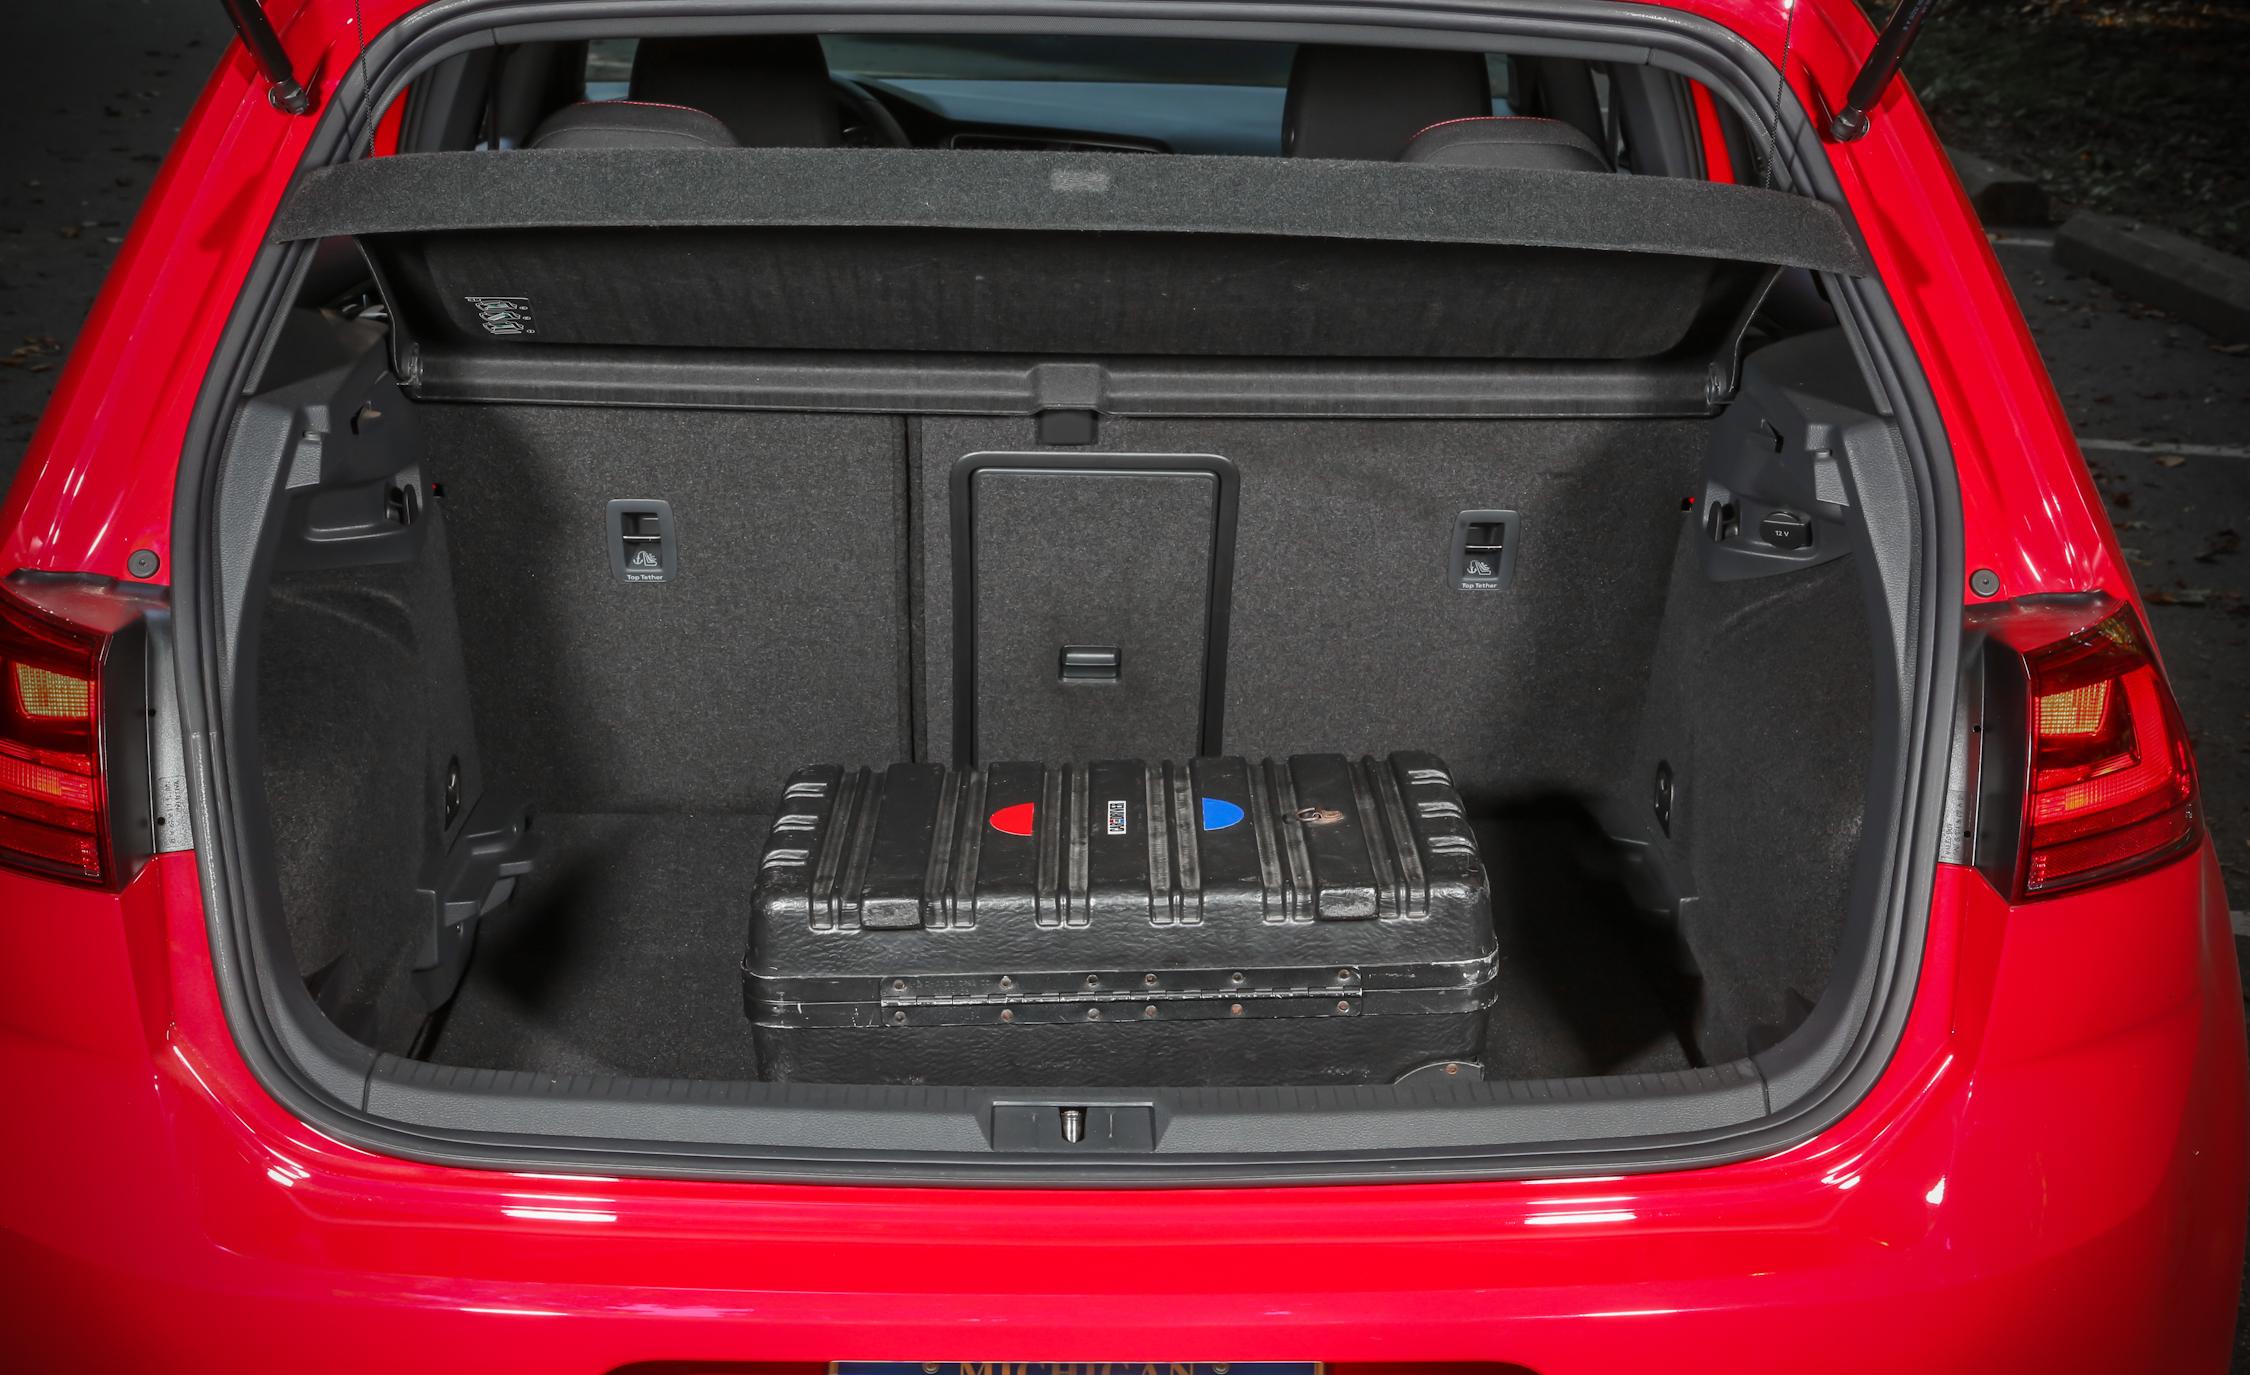 2015 Volkswagen GTI 5-Door Cargo Area